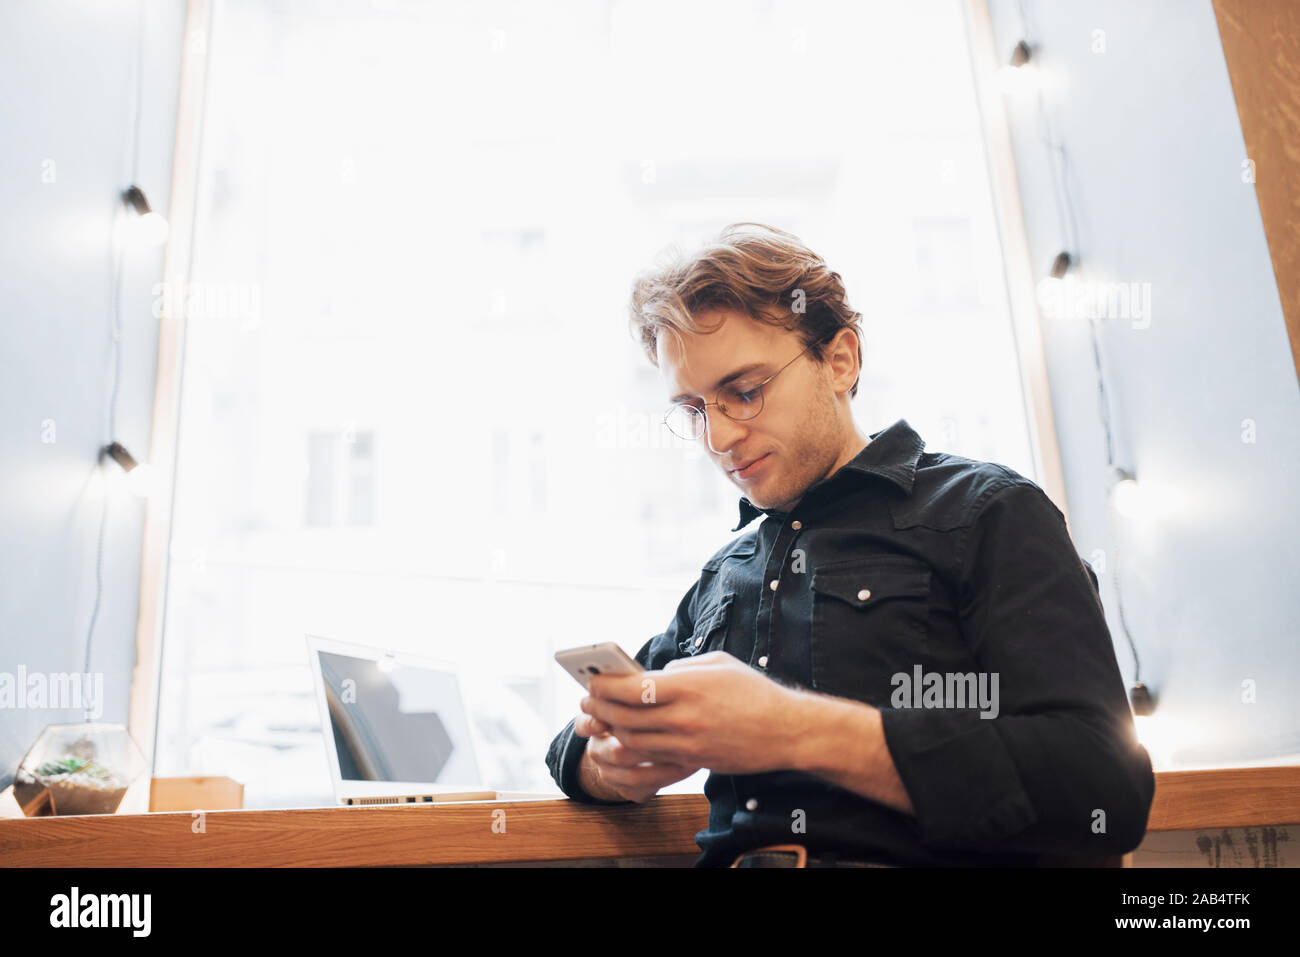 Ambiance jeune professionnel surfer sur Internet sur son ordinateur portable dans un café Banque D'Images